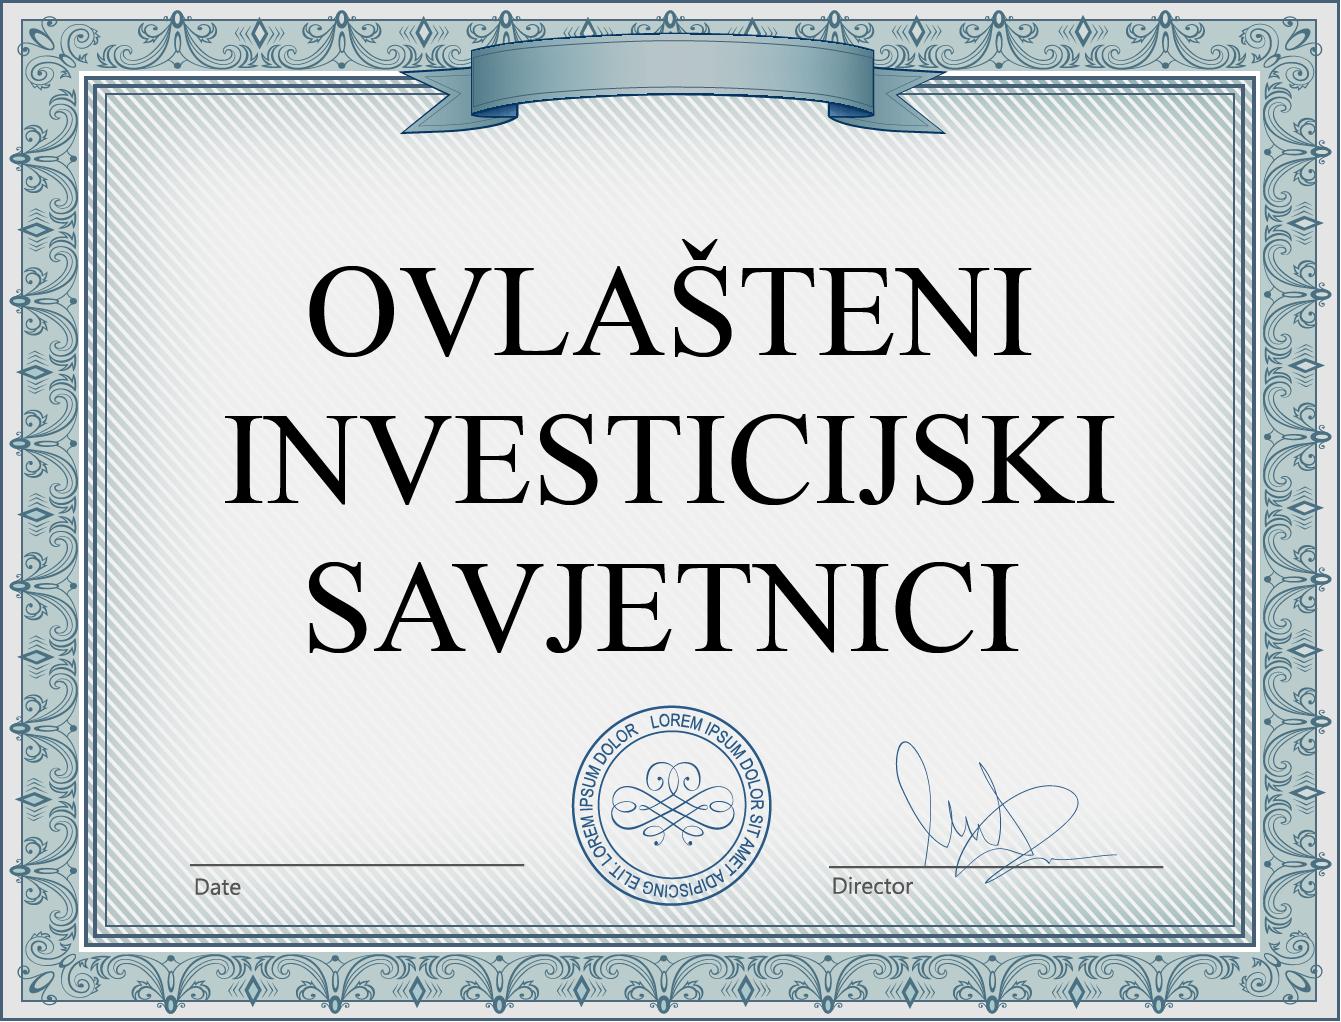 Ovlasteni-INVESTICIJSKI-SAVJETNICI